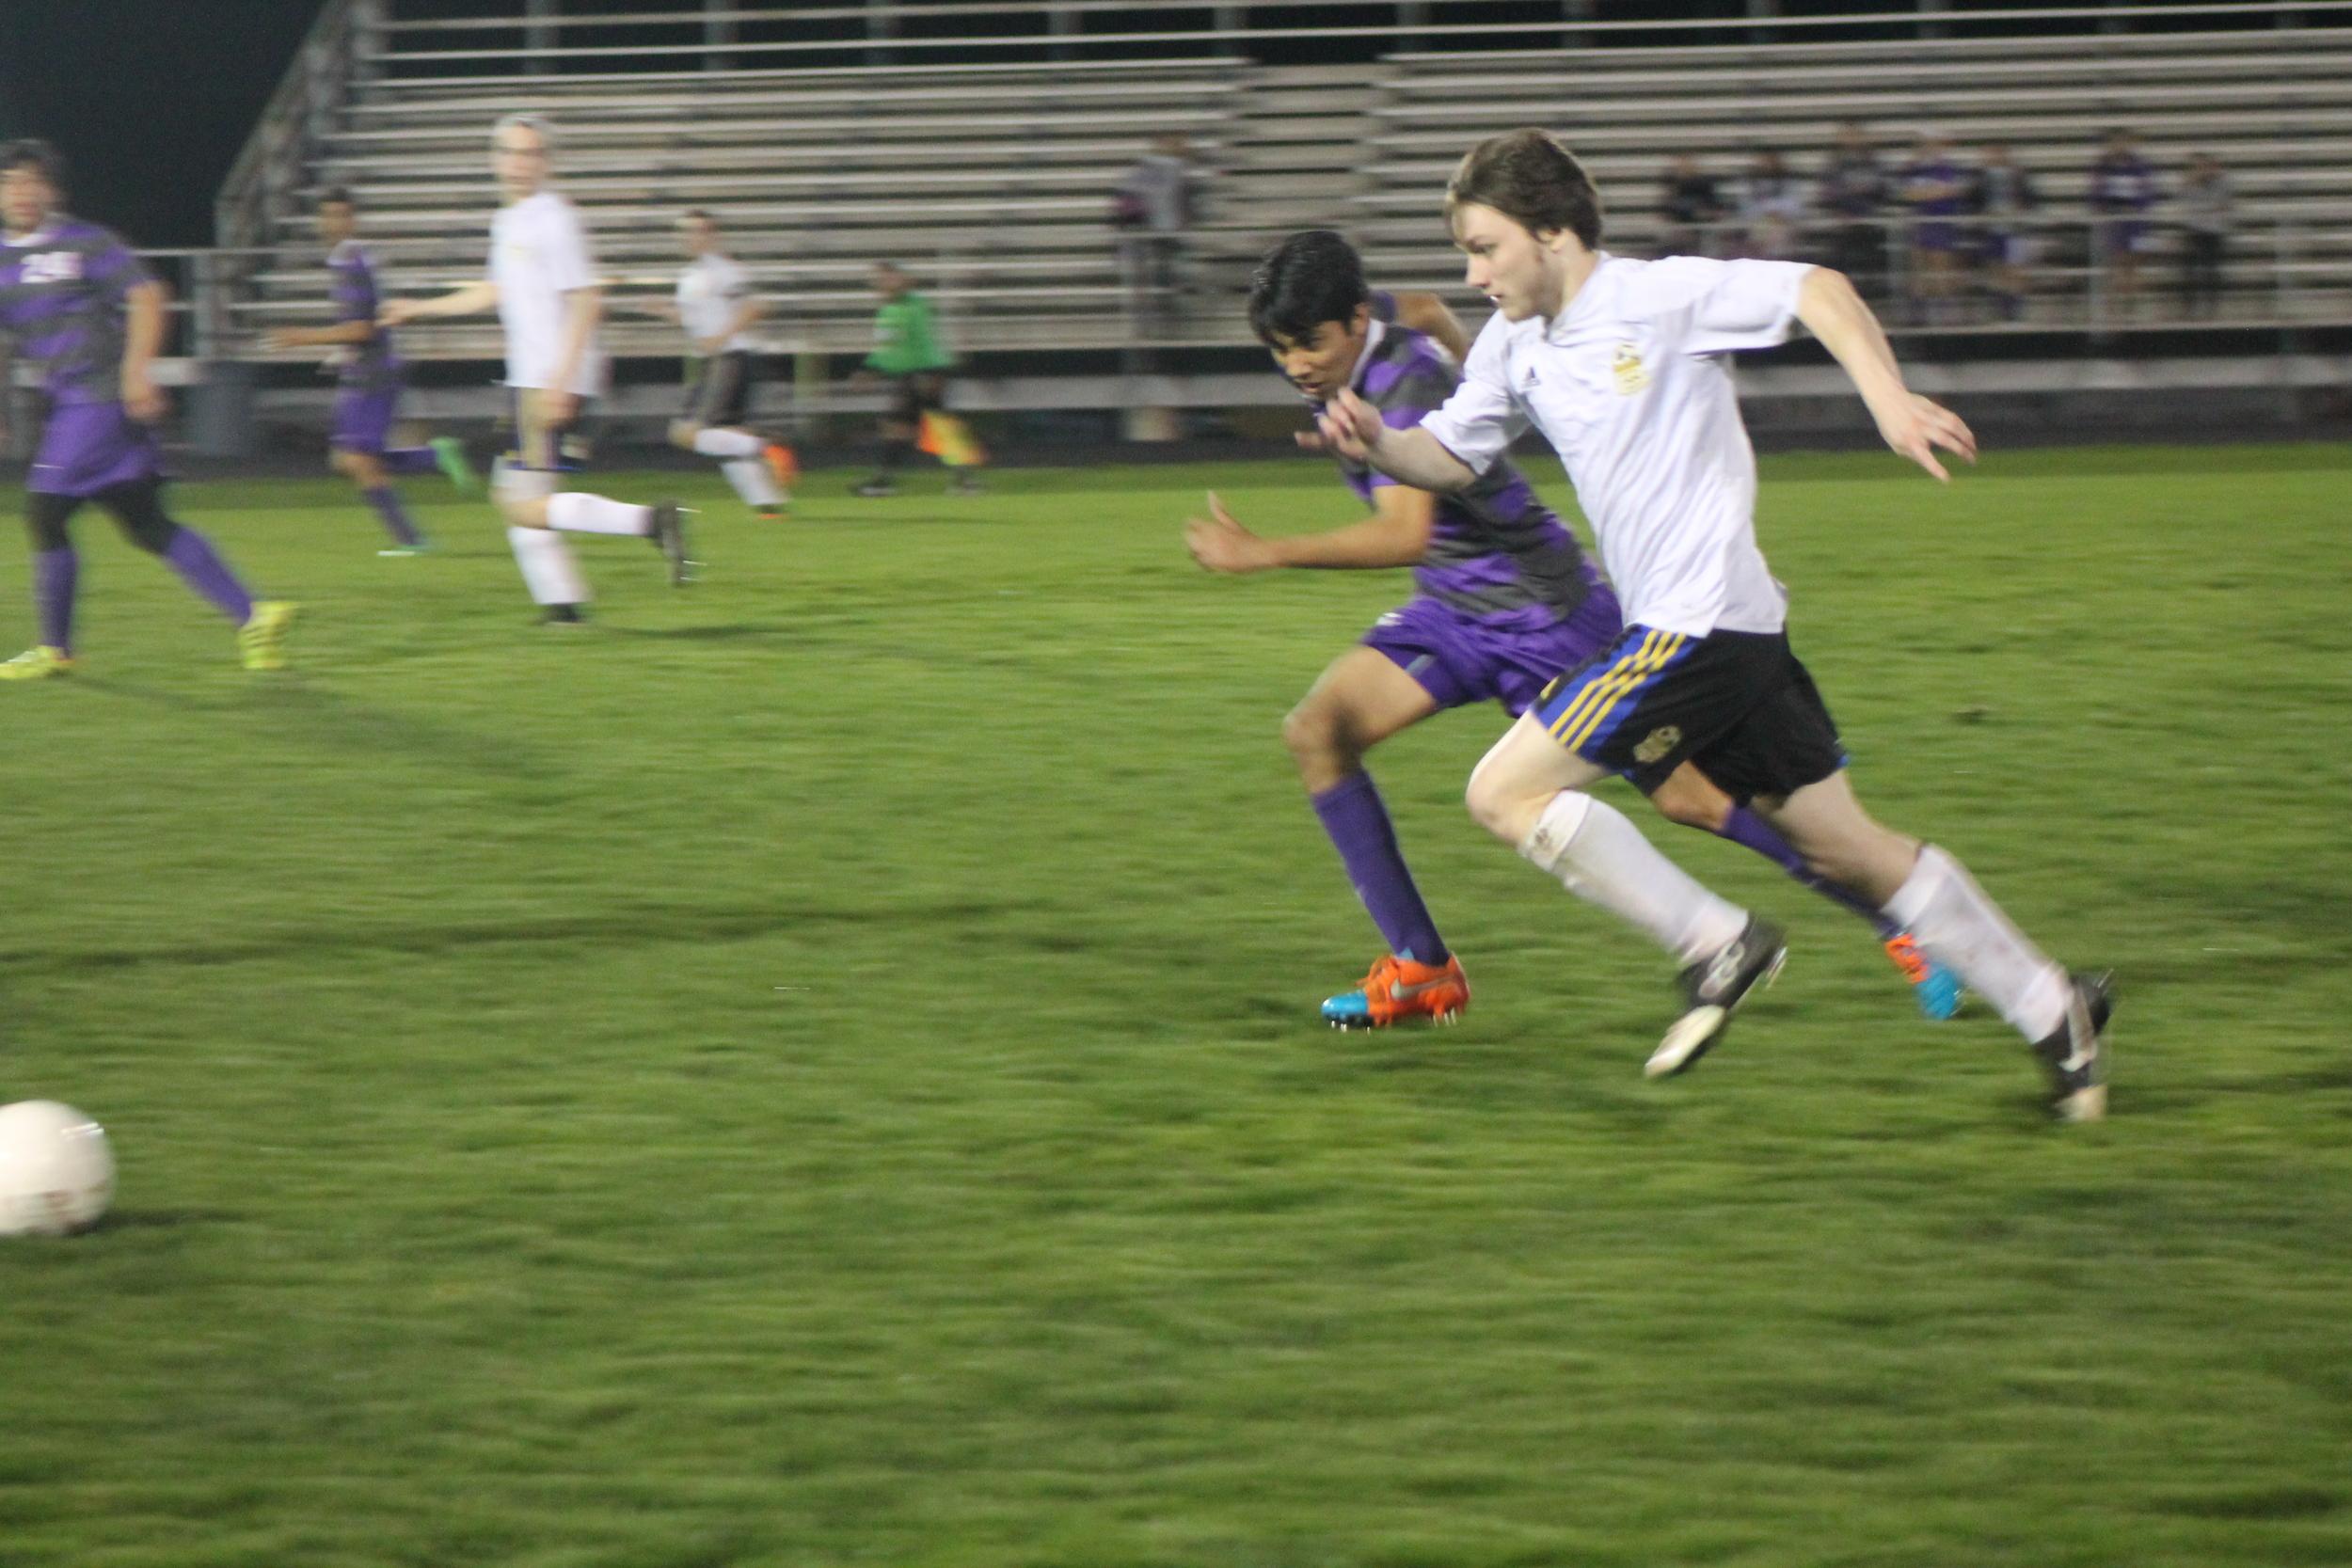 (Photo by Jared Routon) Chance Kent runs down the ball against Bonham